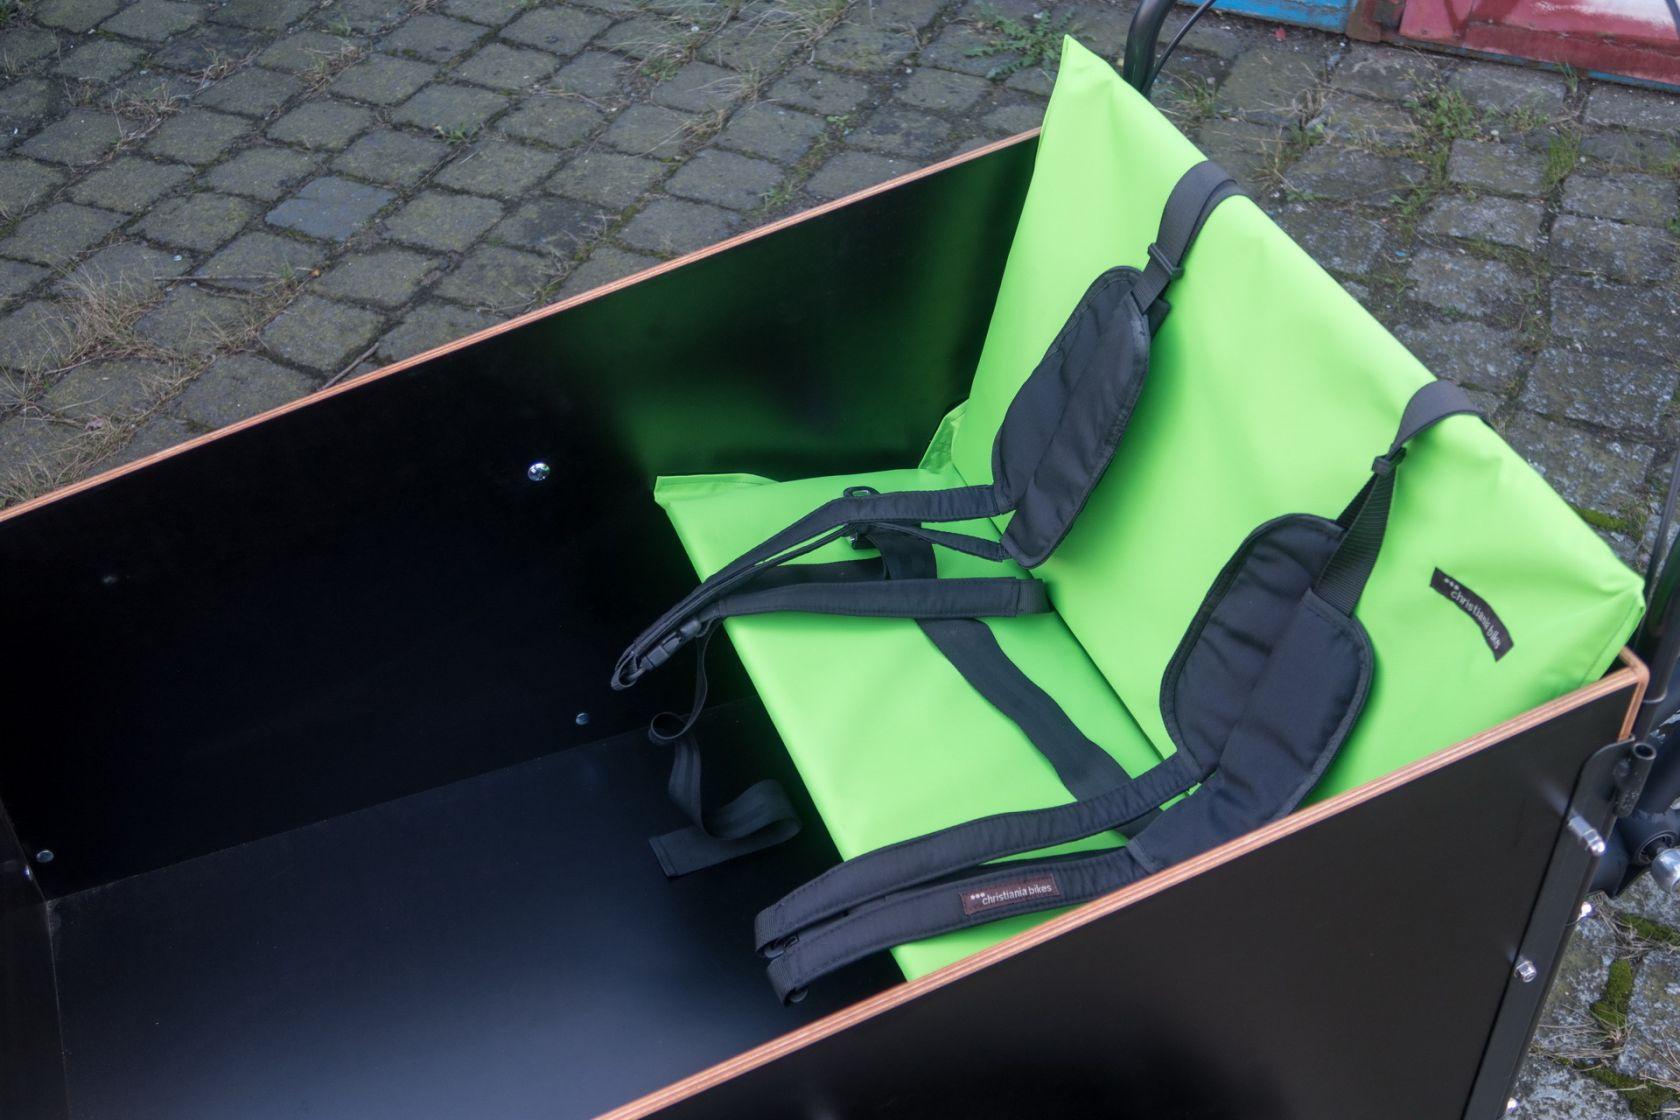 christiana bikes 1 transportrad mecklenburg vorpommern. Black Bedroom Furniture Sets. Home Design Ideas